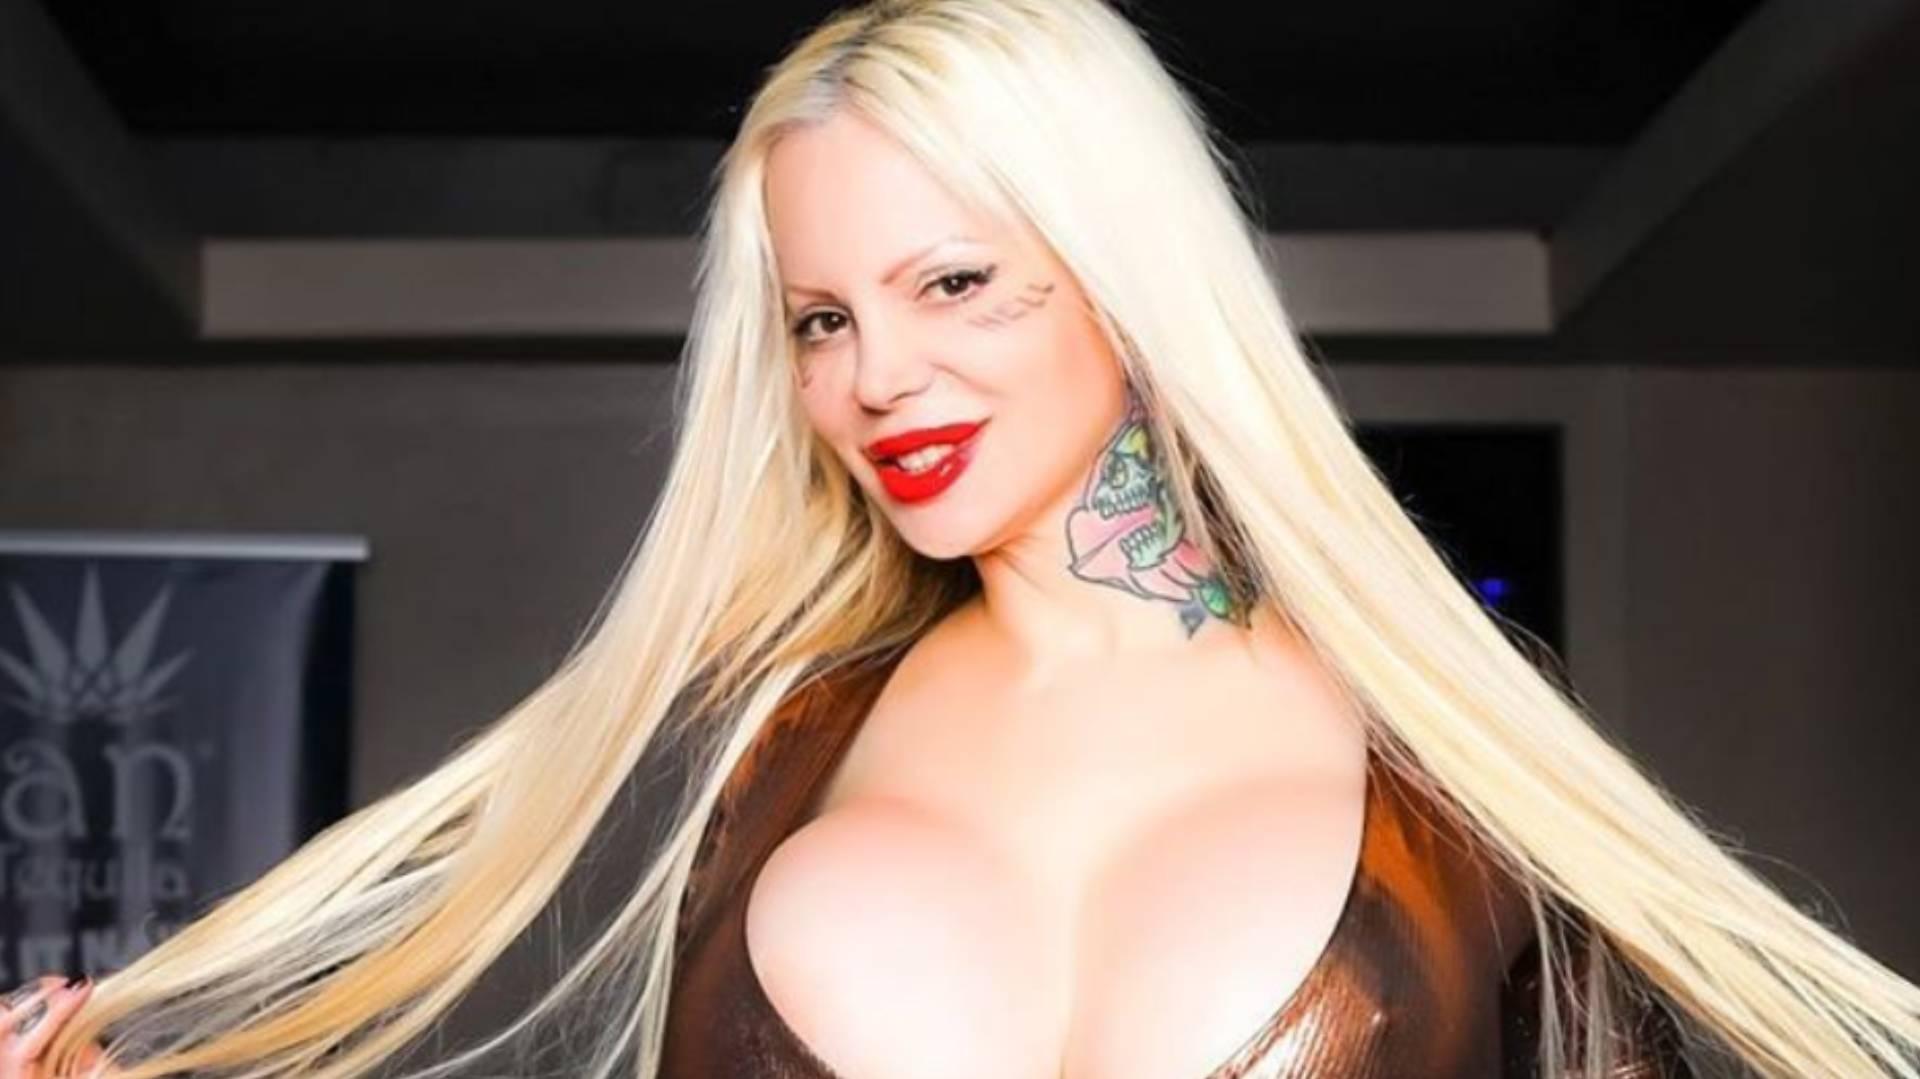 Actriz Porno Con Tatuaje En Las Tetas sabrina sabrok se tatuó símbolos satánicos en el rostro para